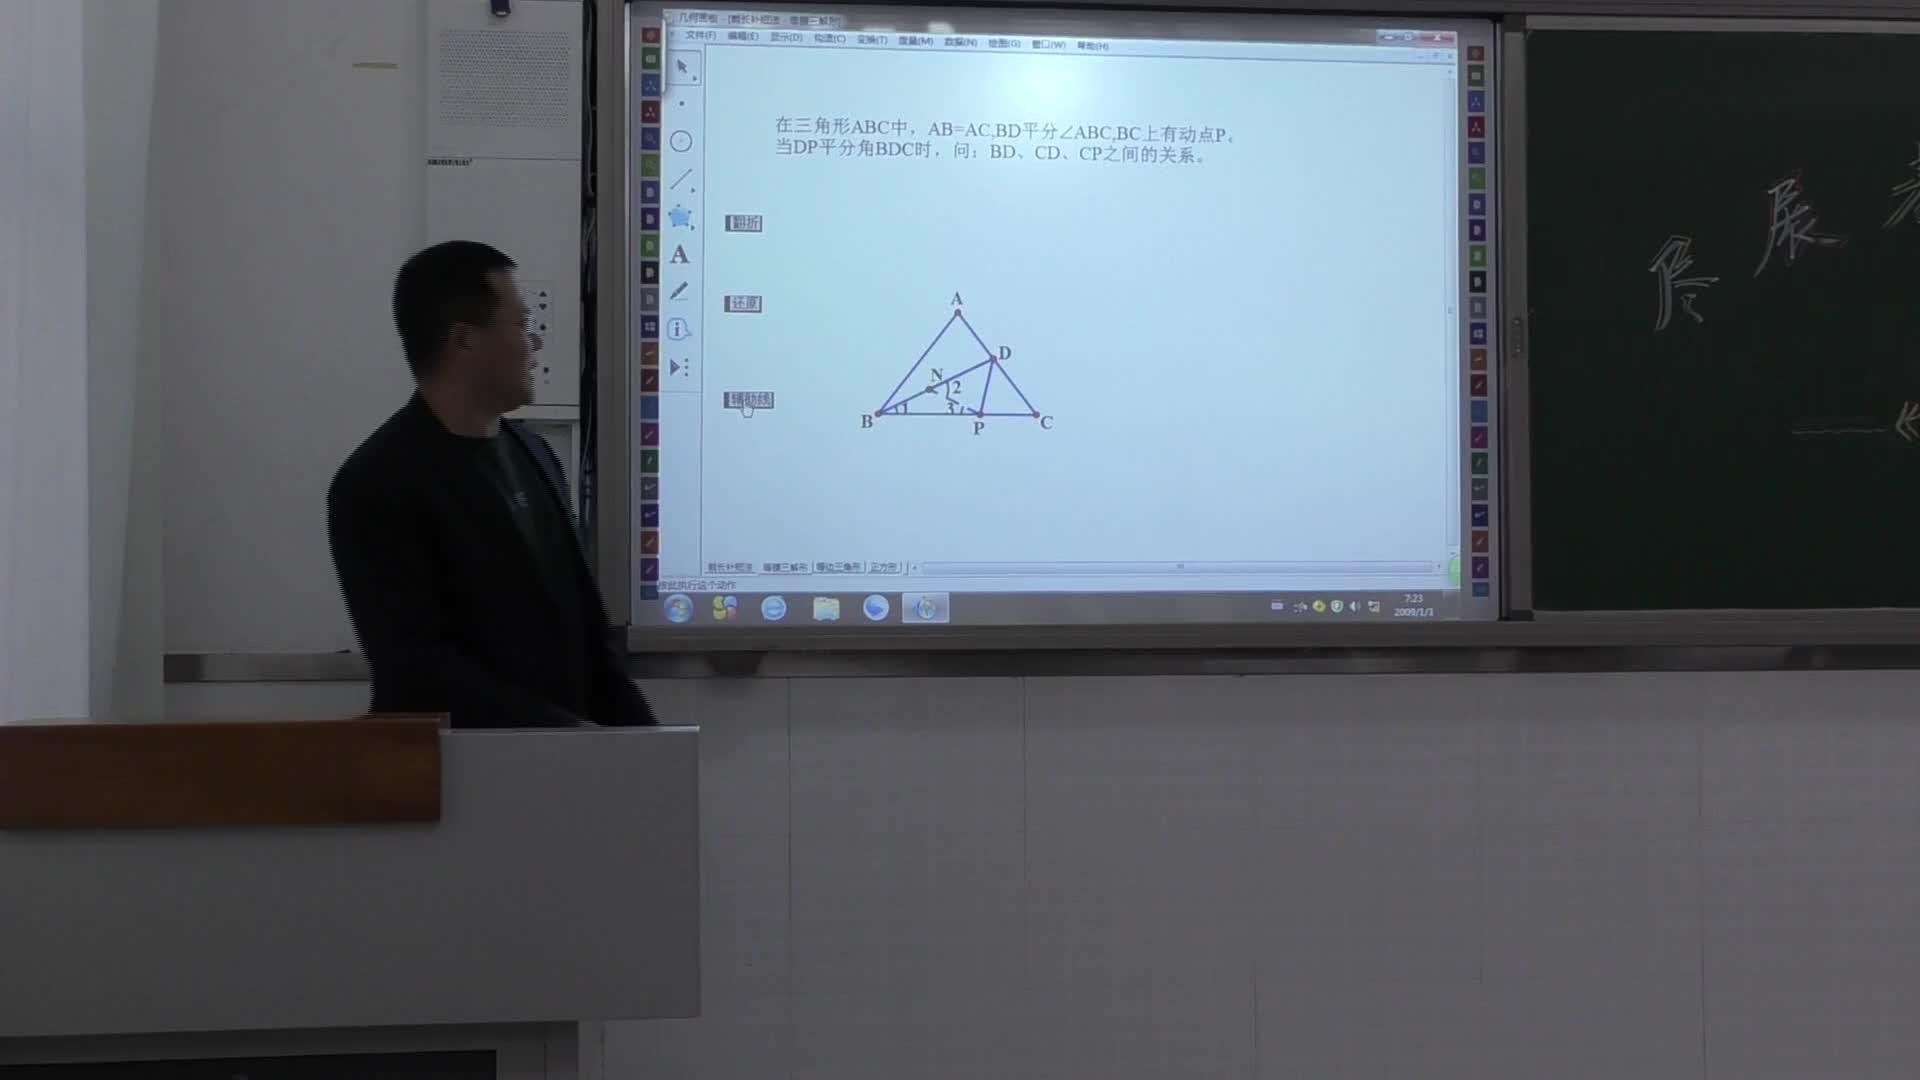 人教版 八年级数学上册 截长补短法-视频说课